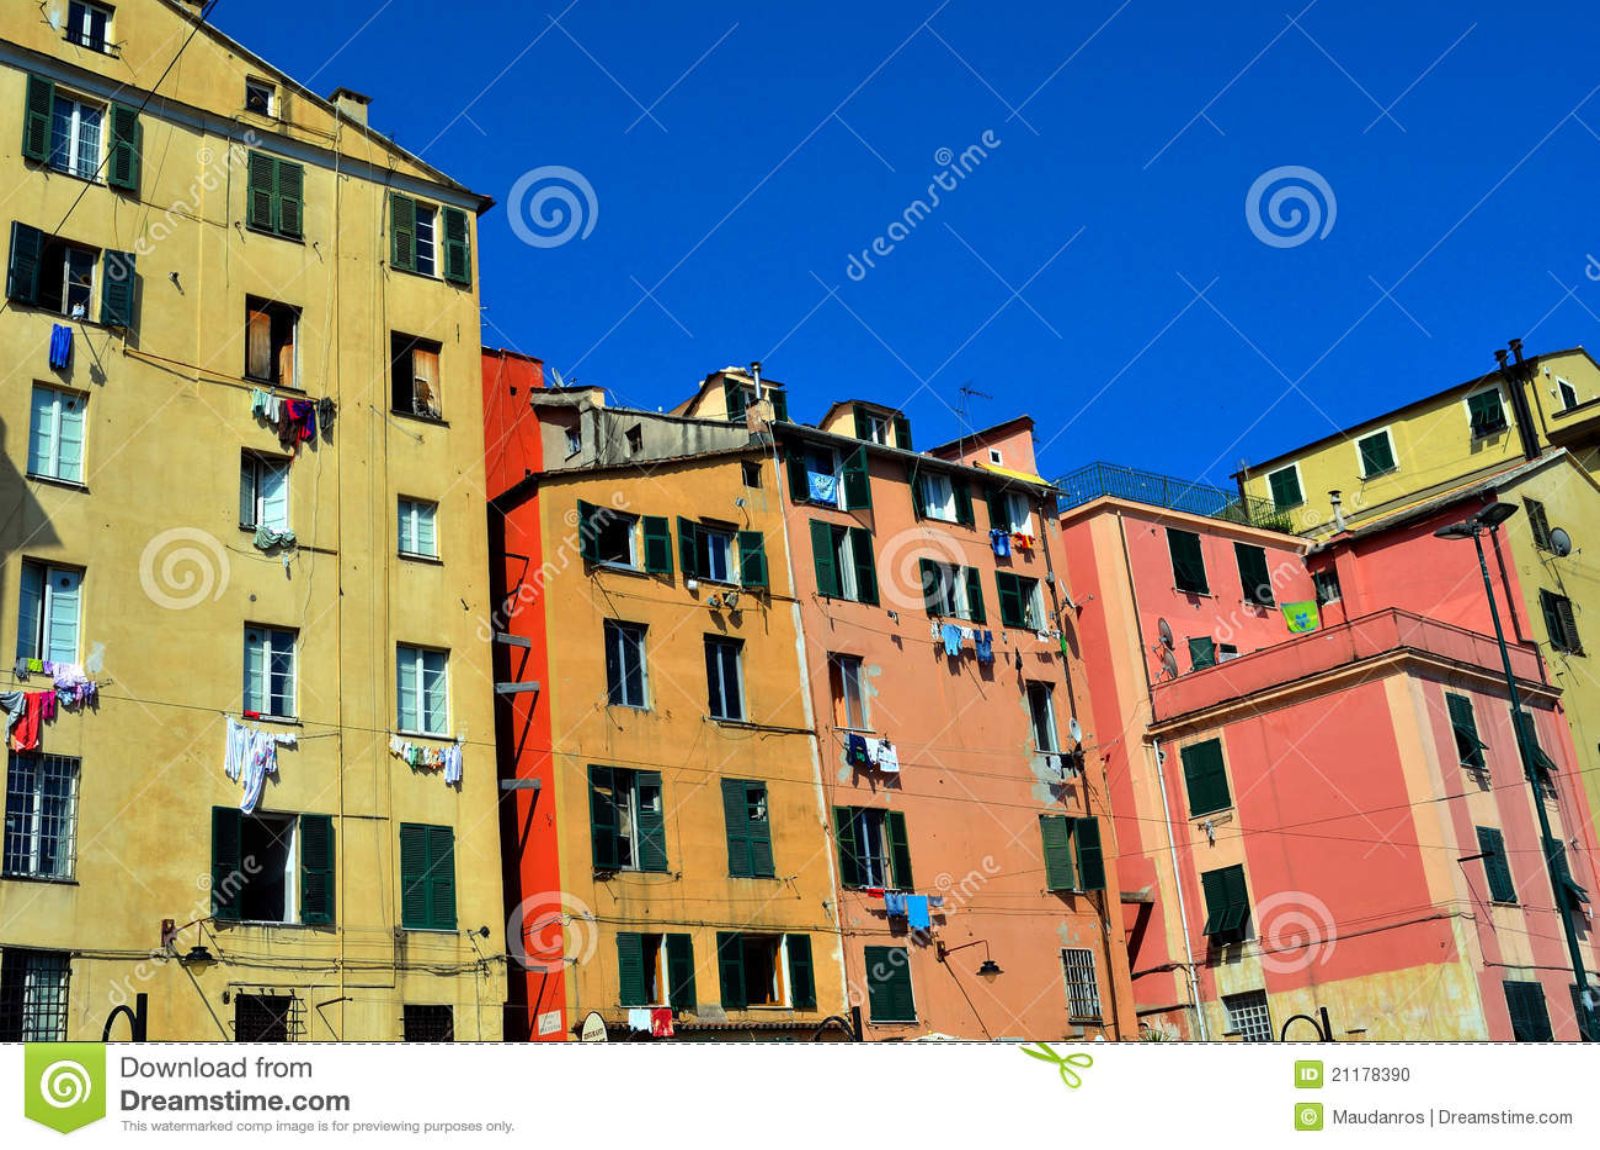 Genoa houses